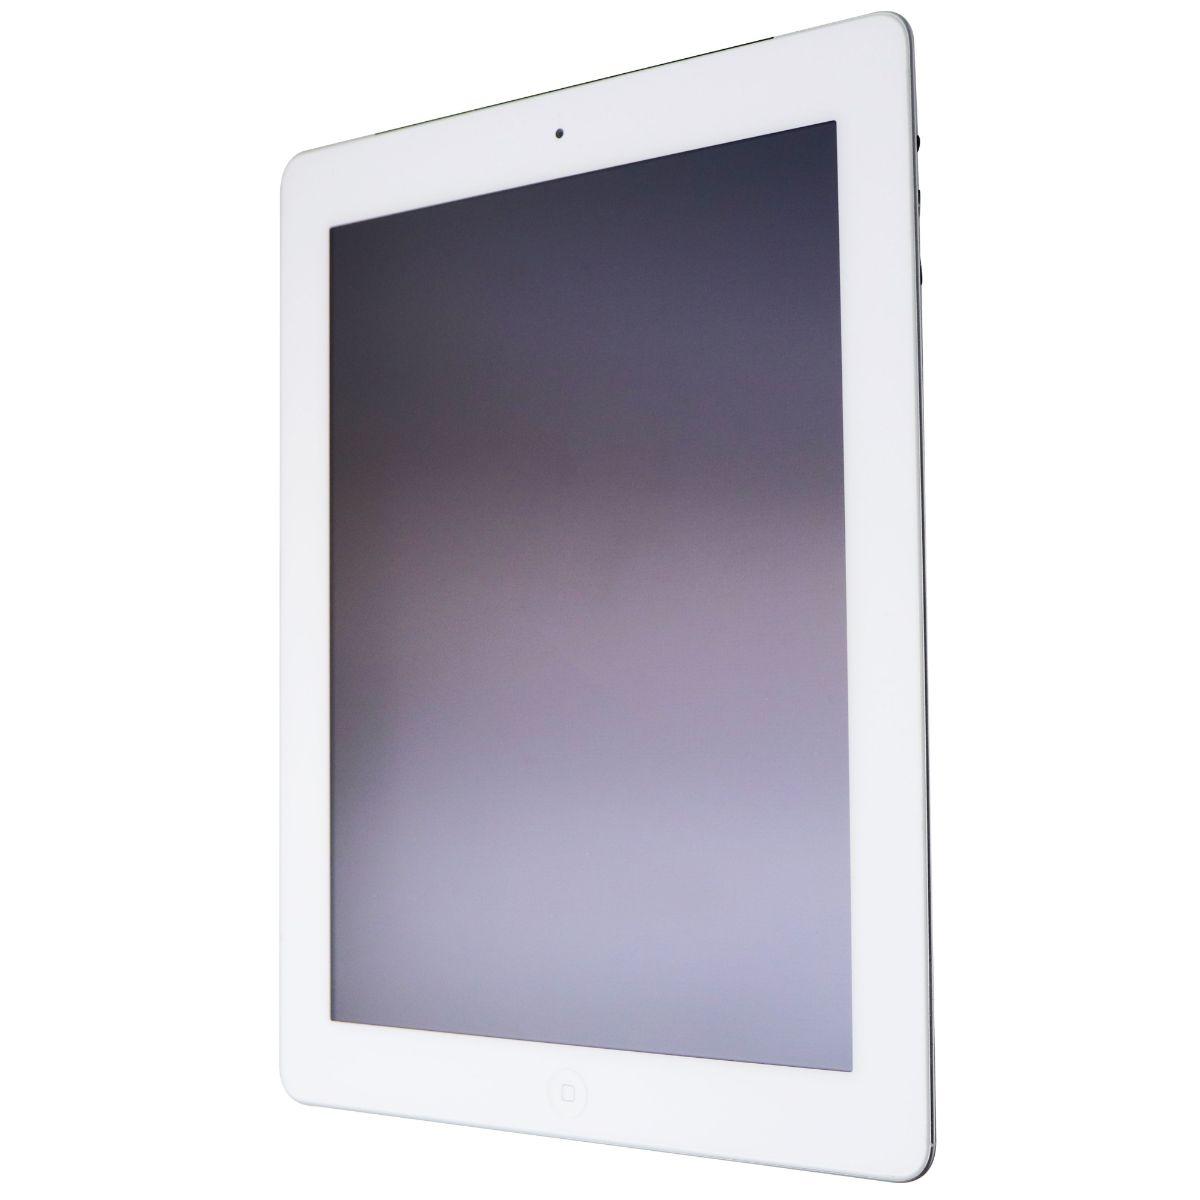 Apple iPad 9.7 (4th Gen) A1460 (MD526LL/A) Wi-Fi + Verizon - 32GB/White